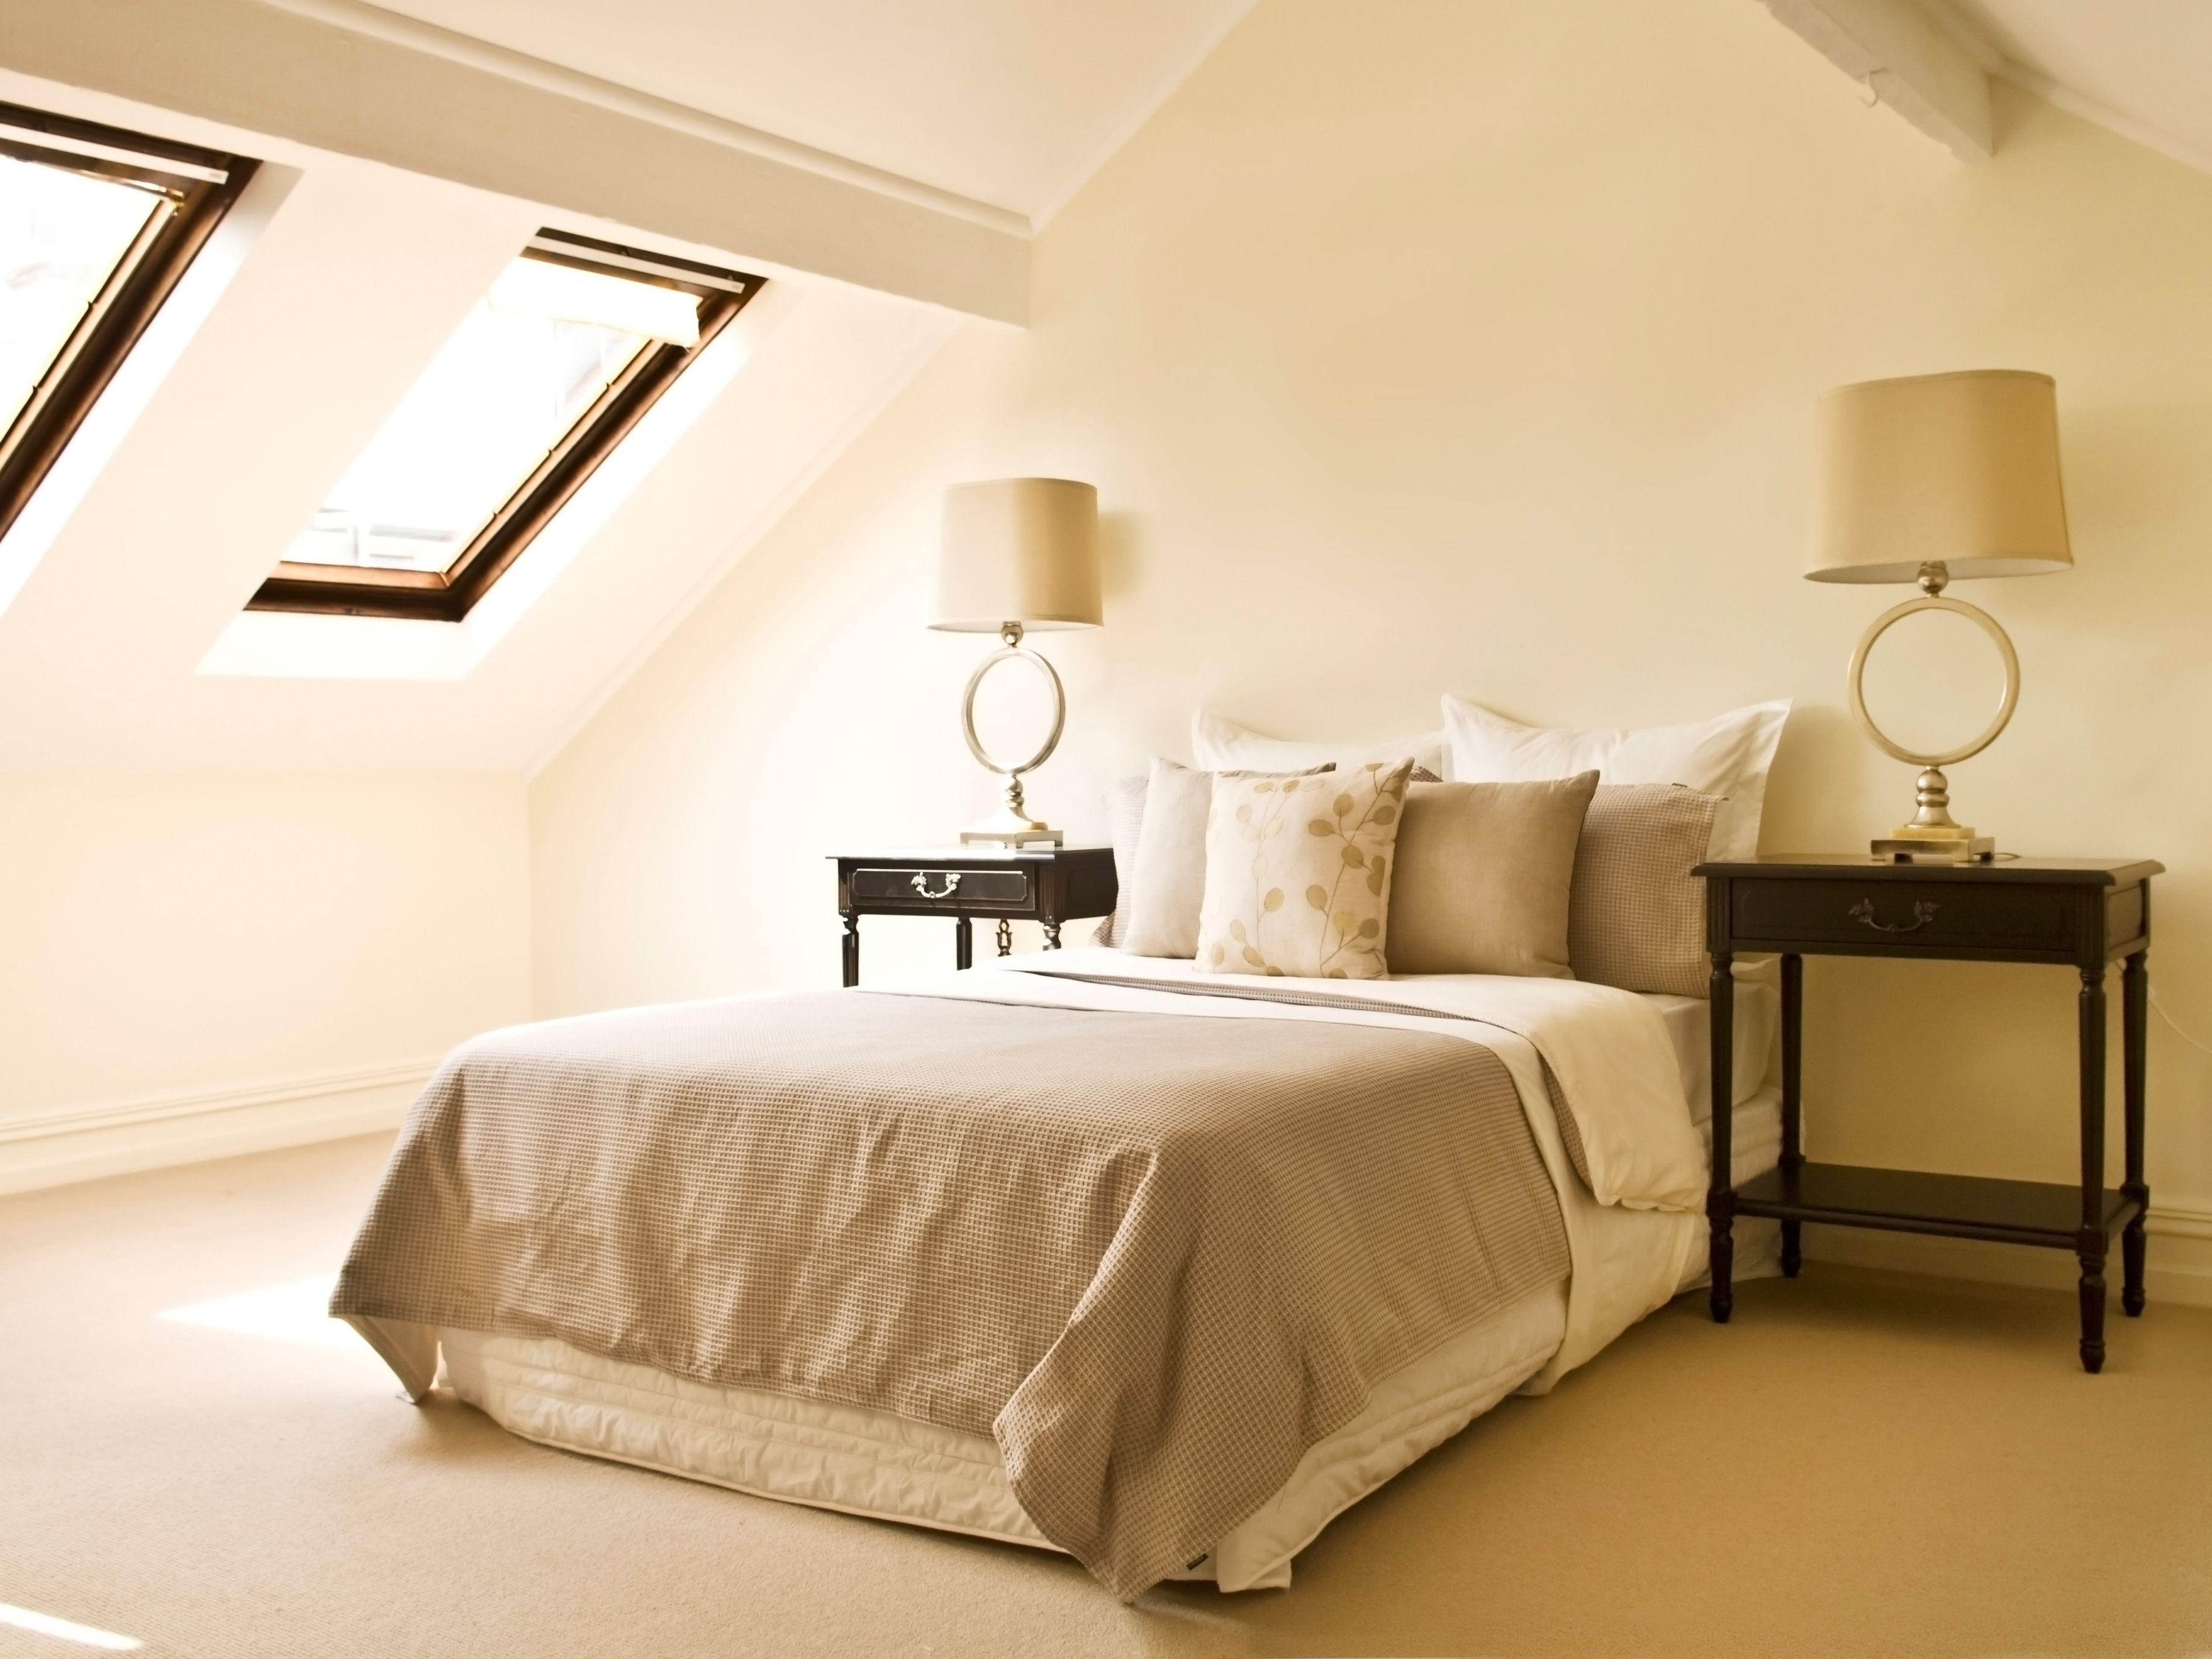 7 idee per una camera da letto in mansarda dai toni neutri ...